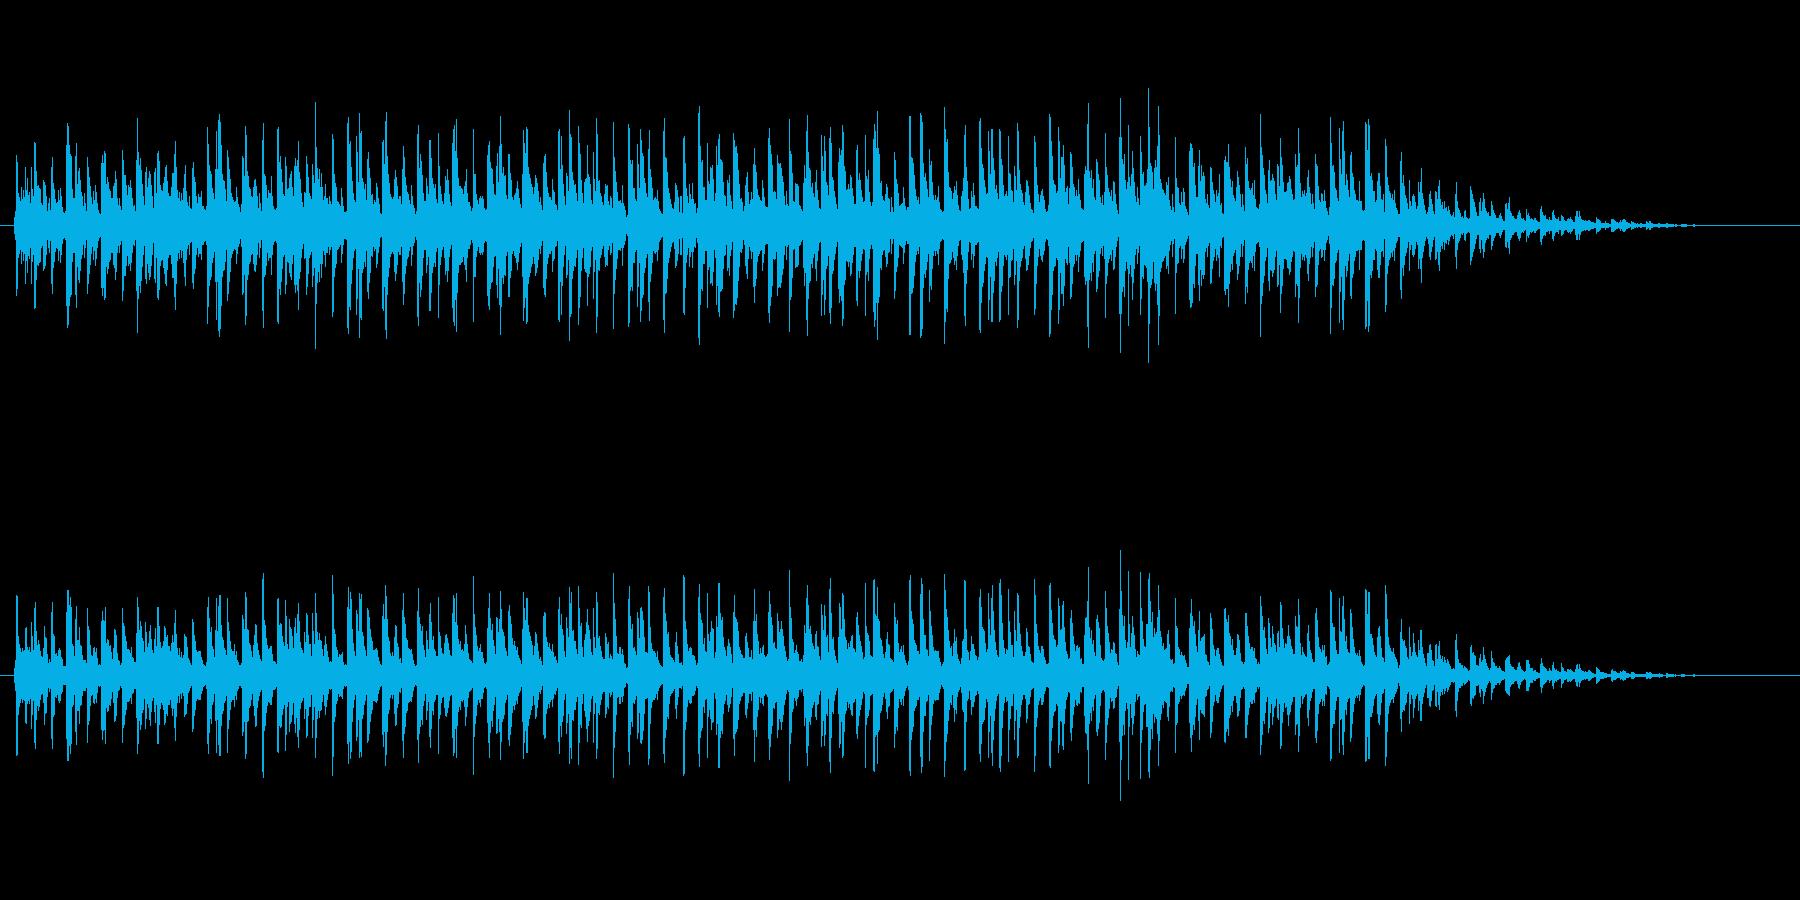 エレクトロニカ・ダンスミュージックの再生済みの波形